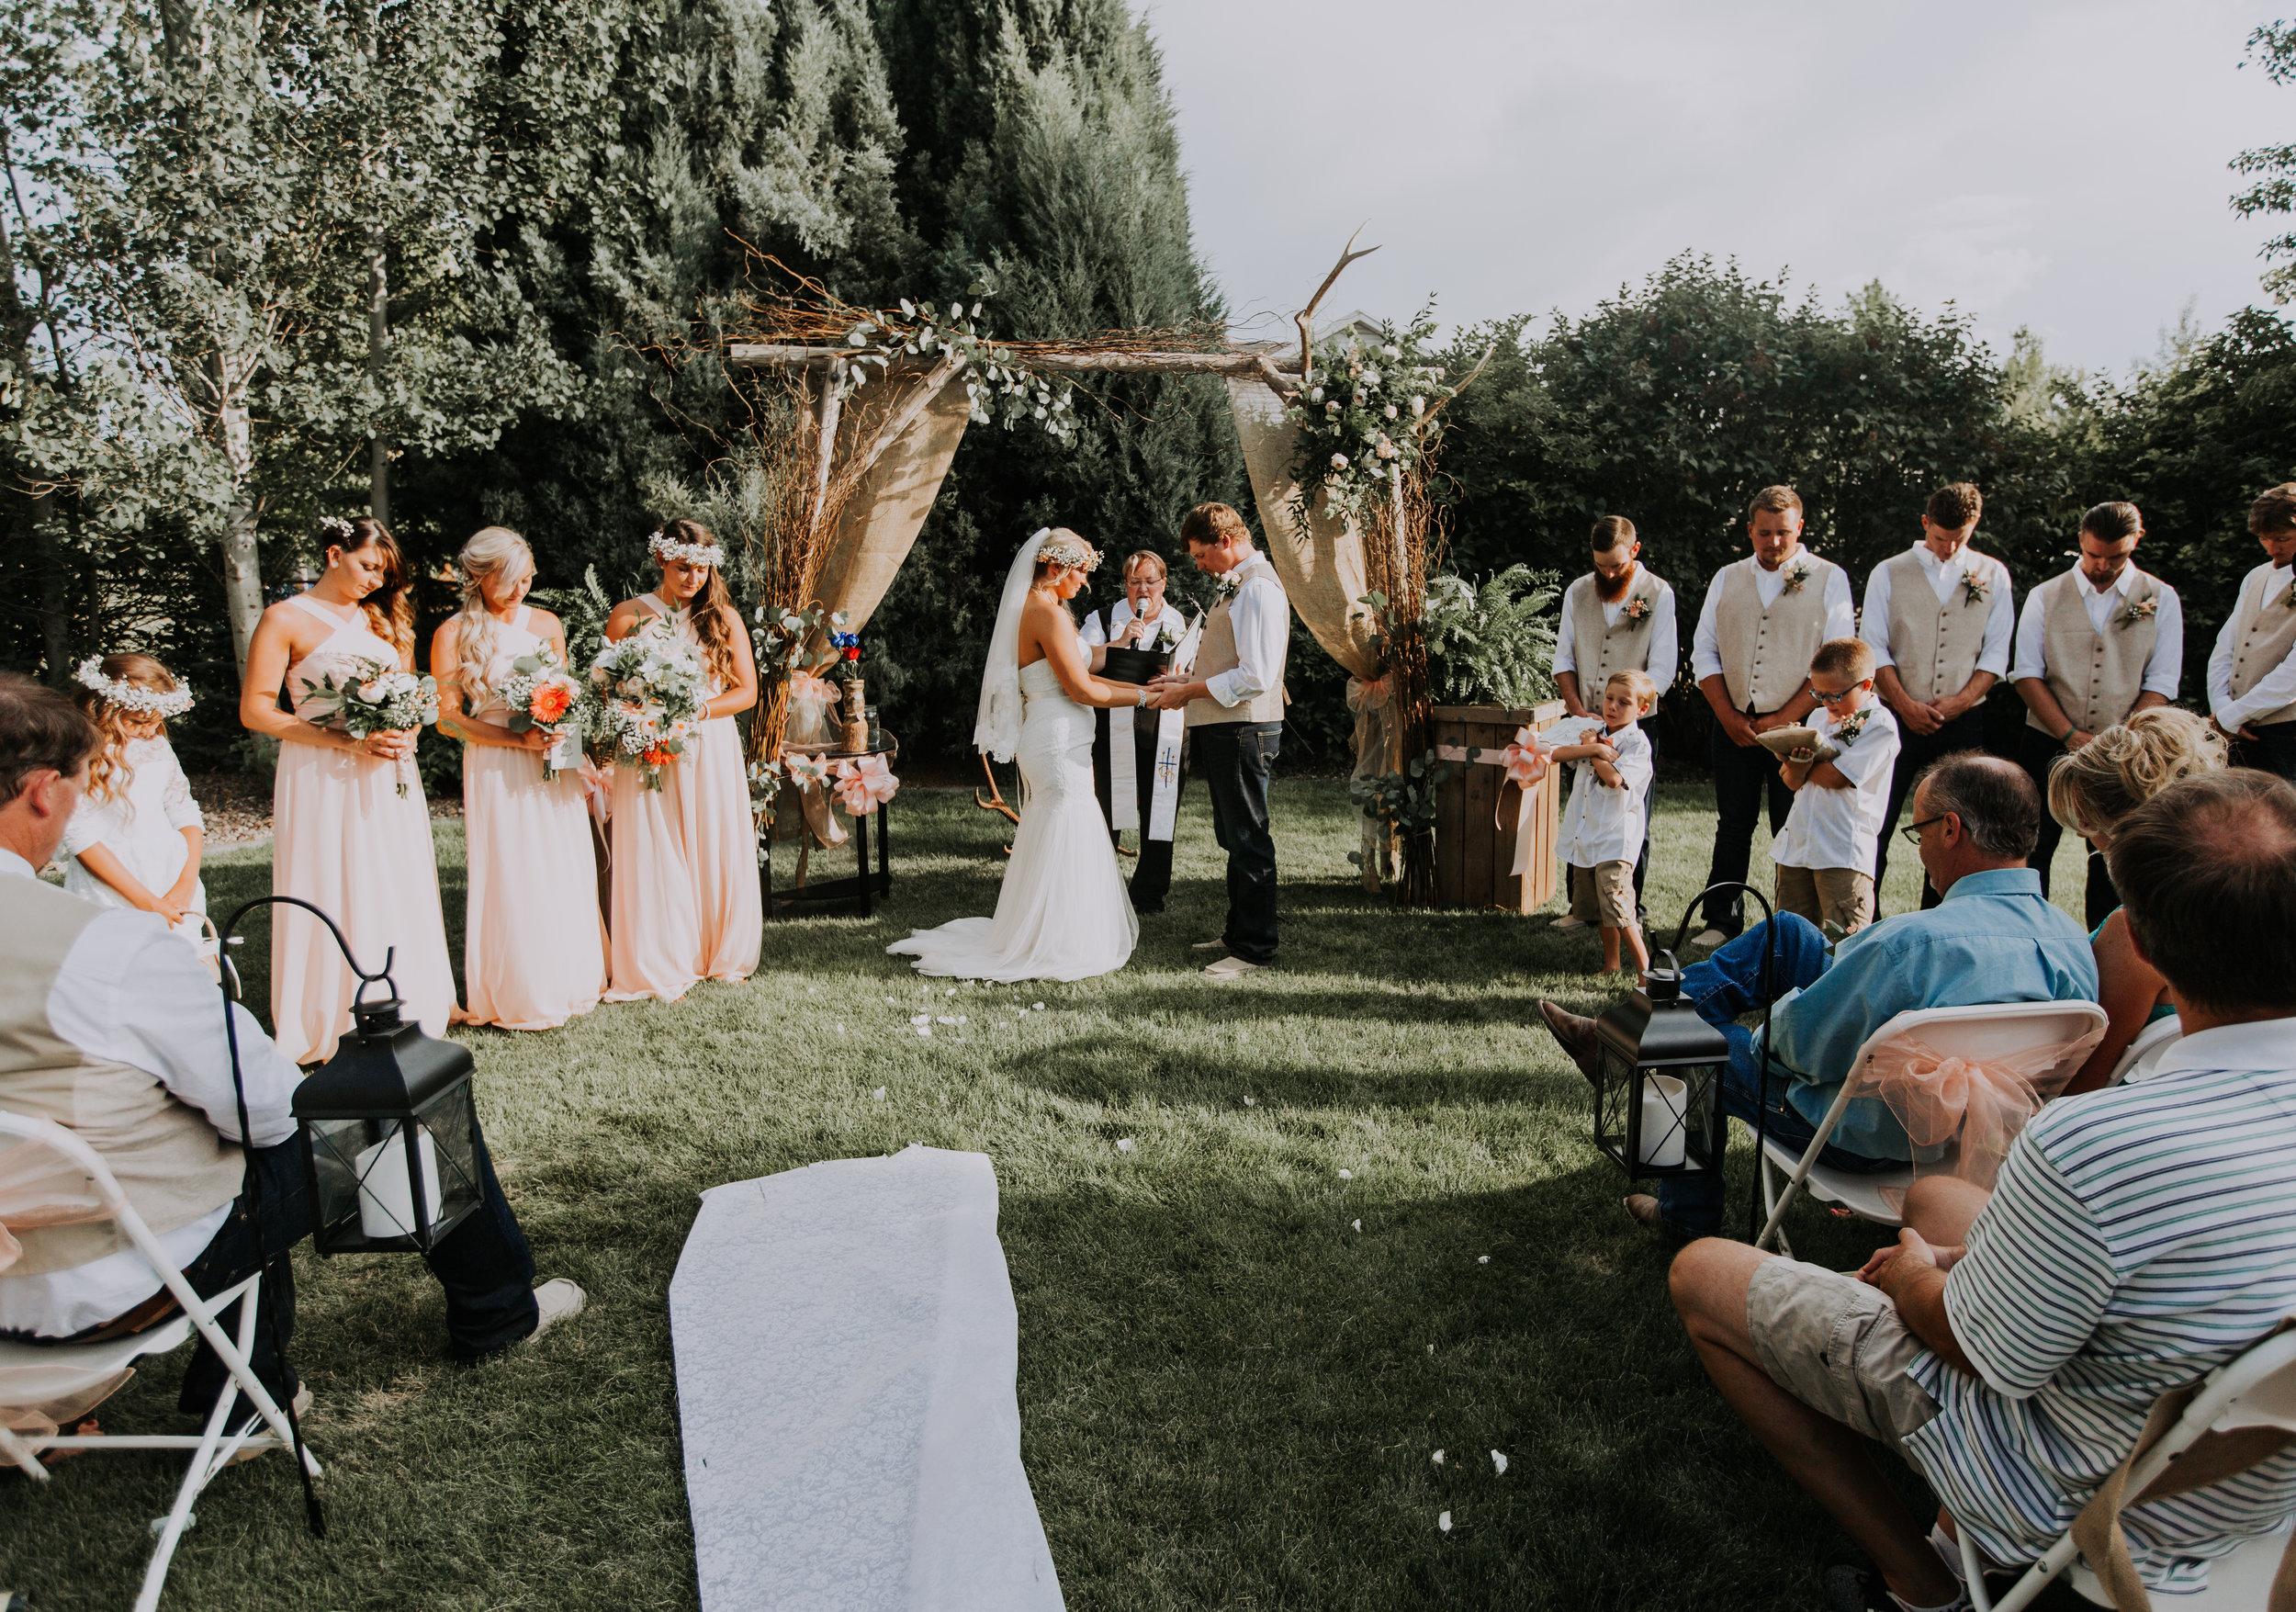 Pocatello-Idaho-Wedding1.jpg